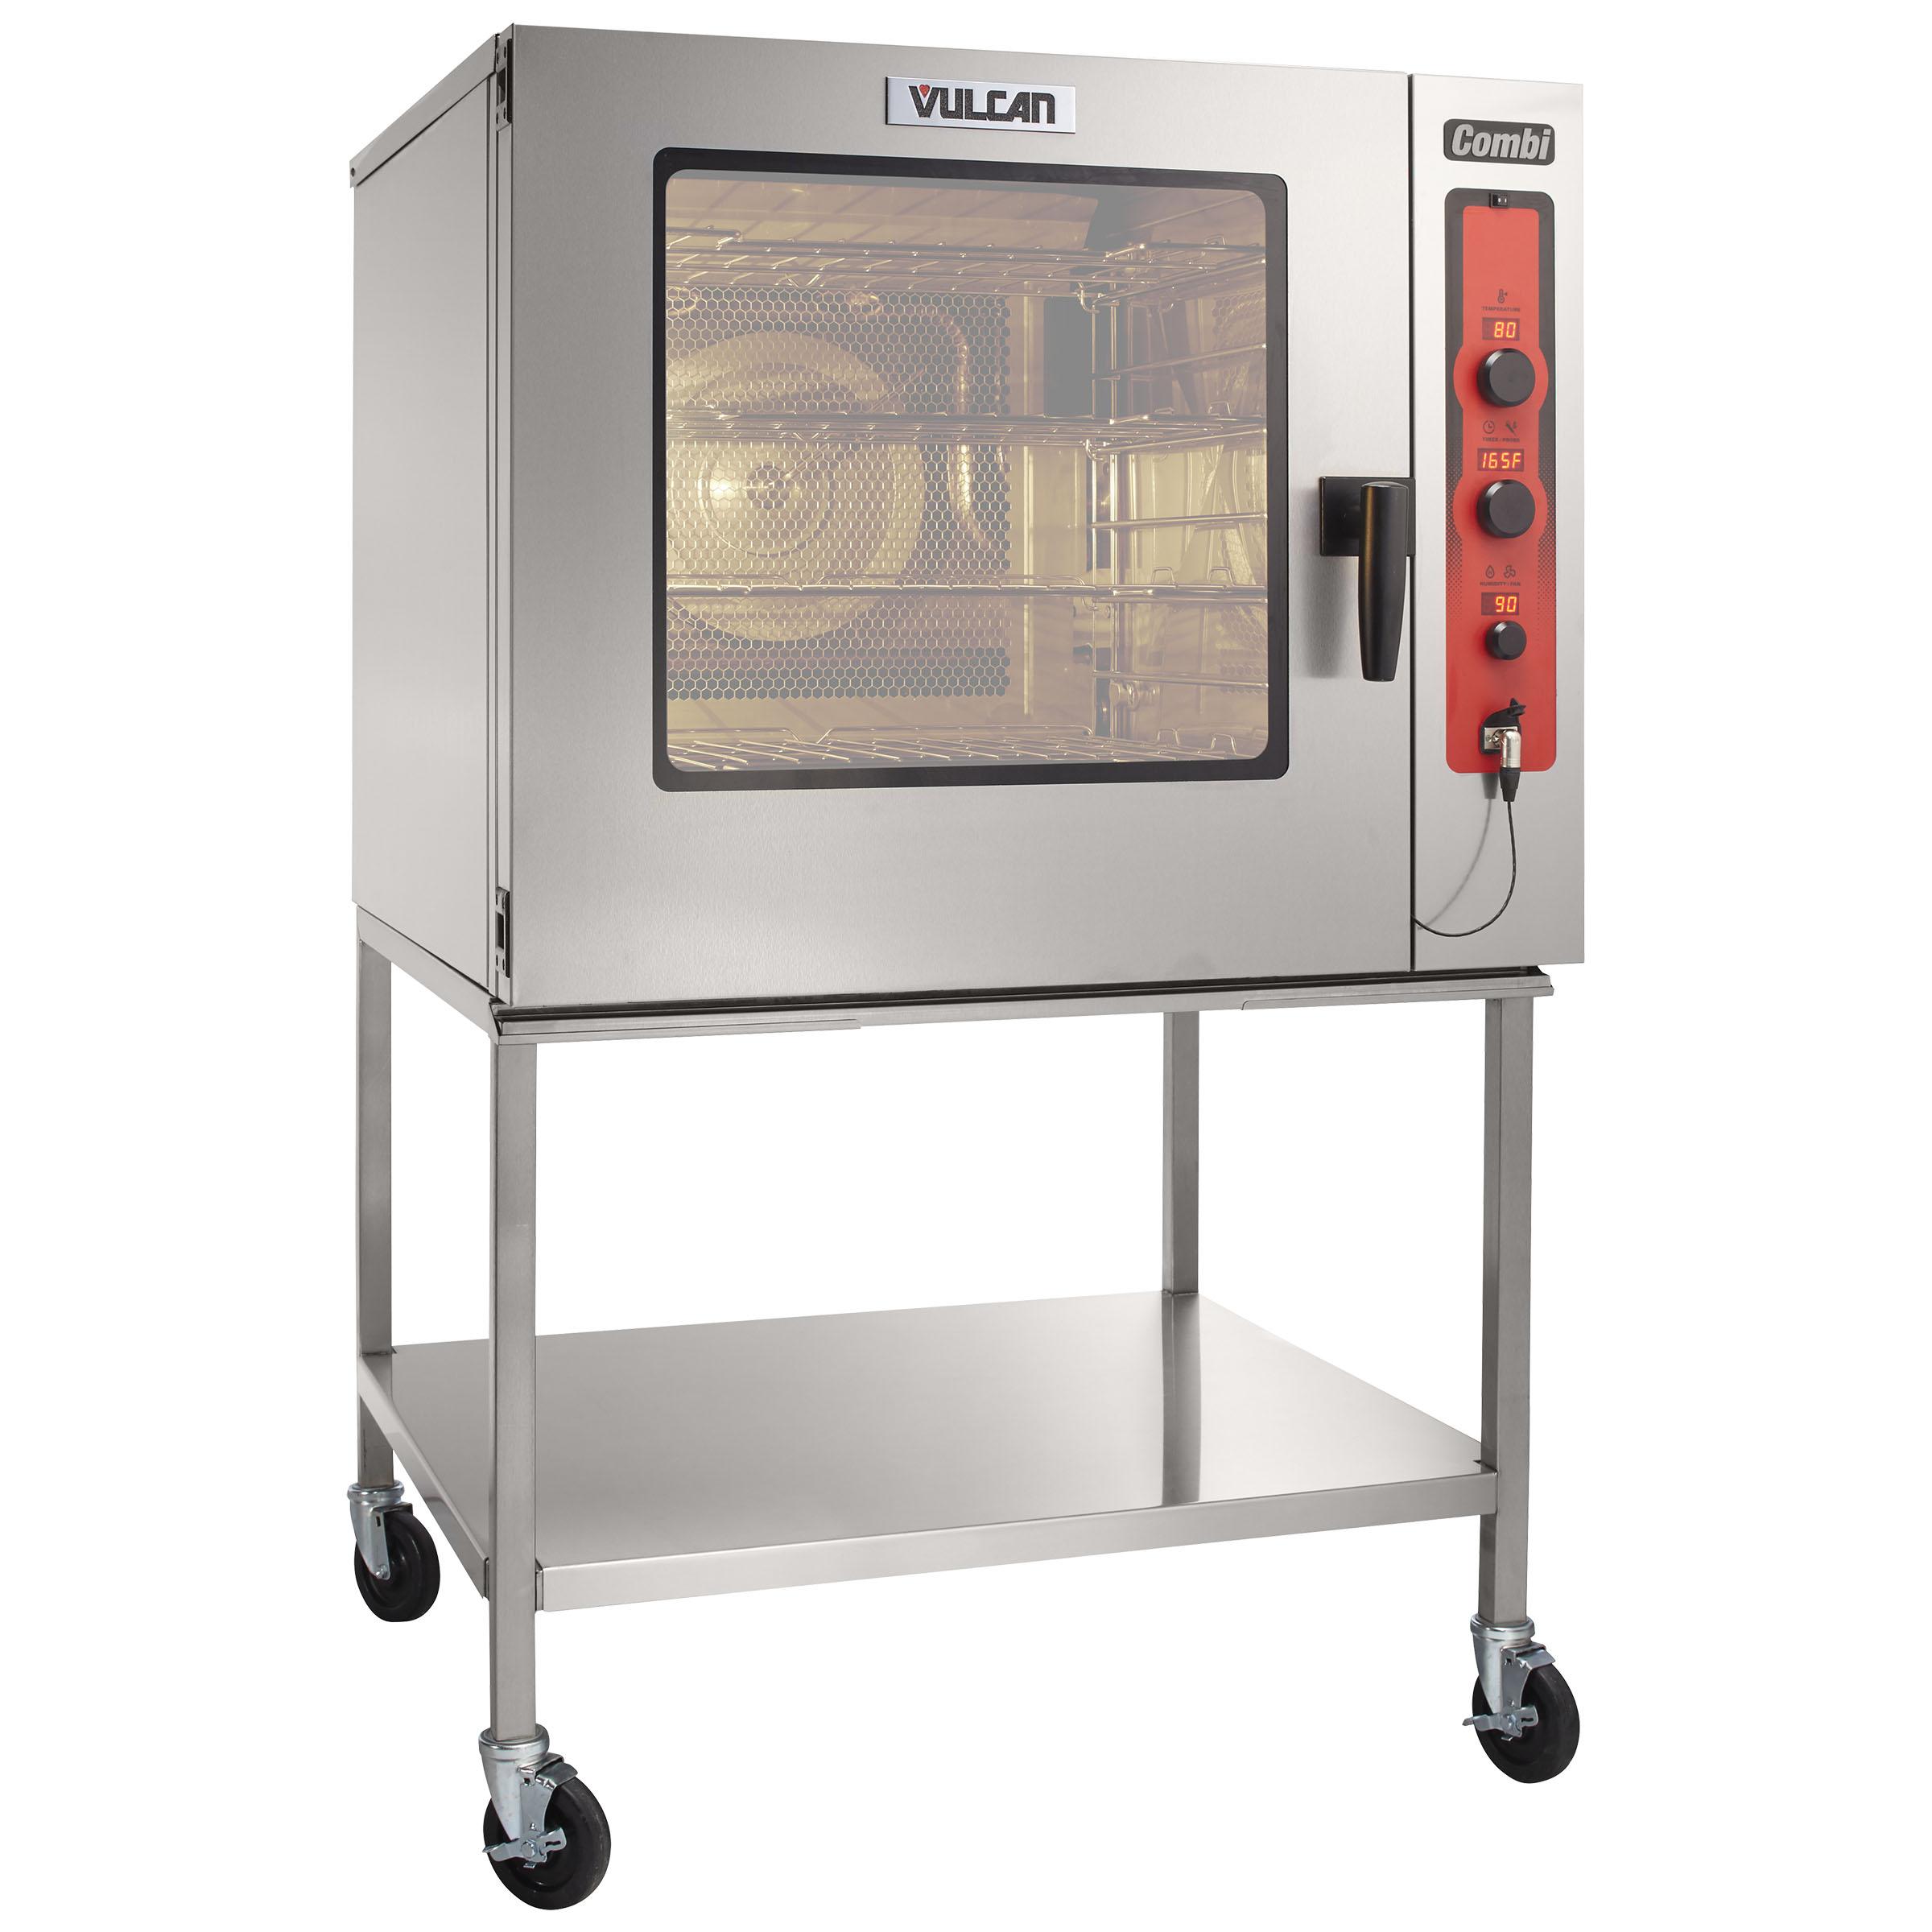 Vulcan ABC7G-PROP combi oven, gas